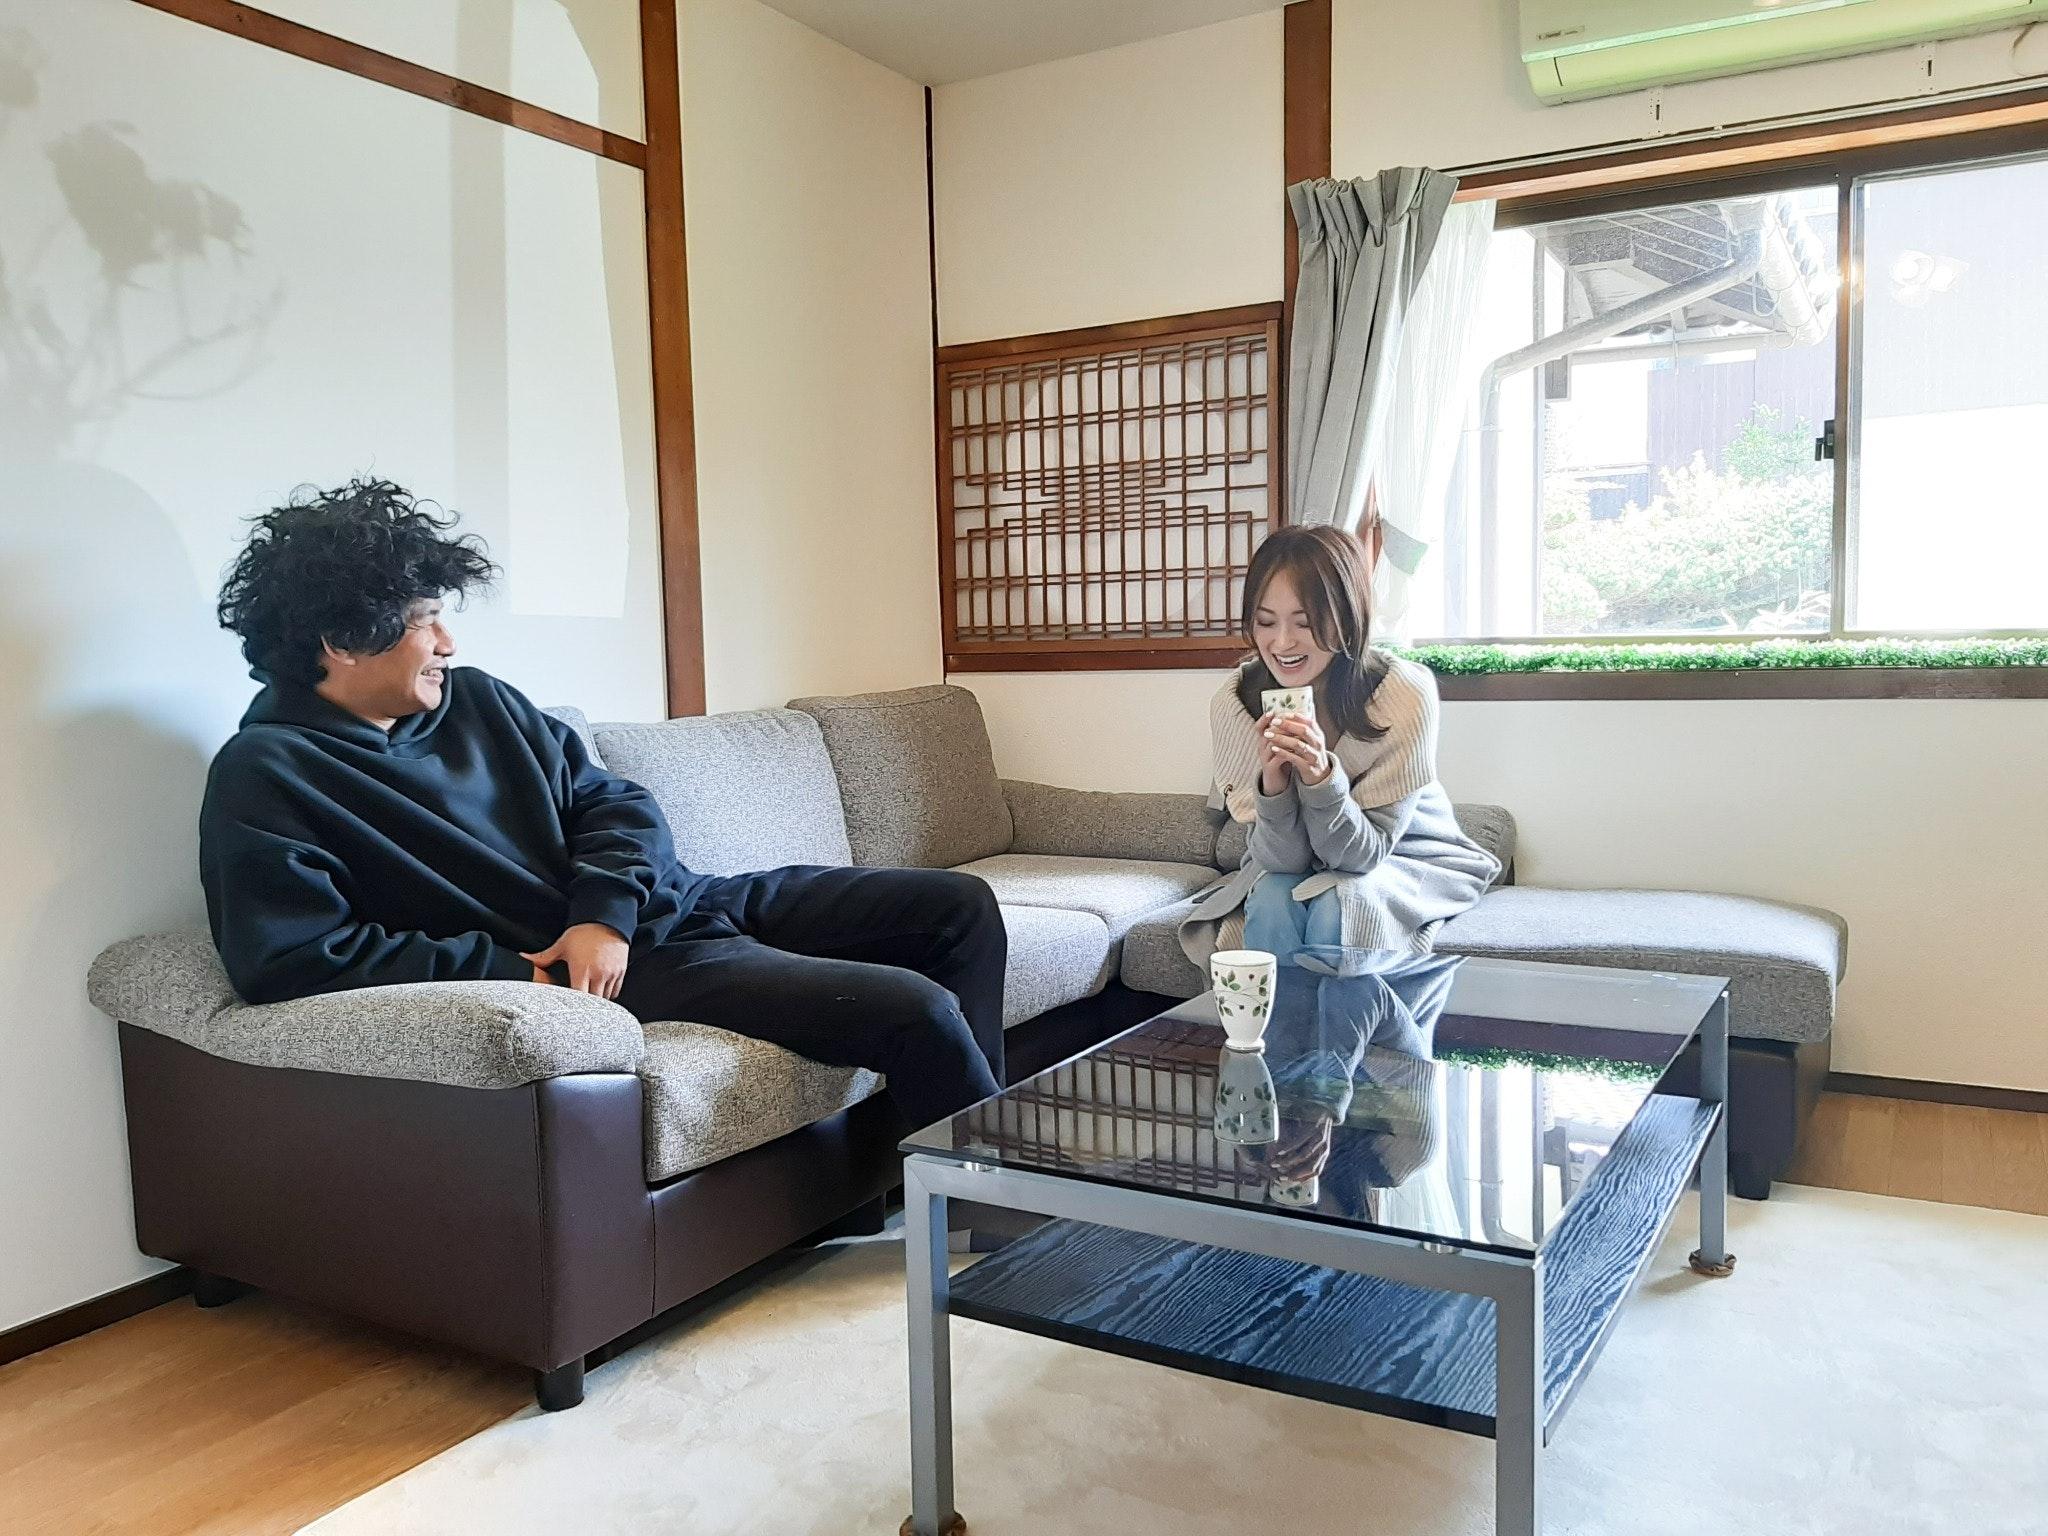 お庭貸切BBQ可能!大自然に囲まれたモダンな日本家屋。山あり川あり神社あり。福知山温泉10分。